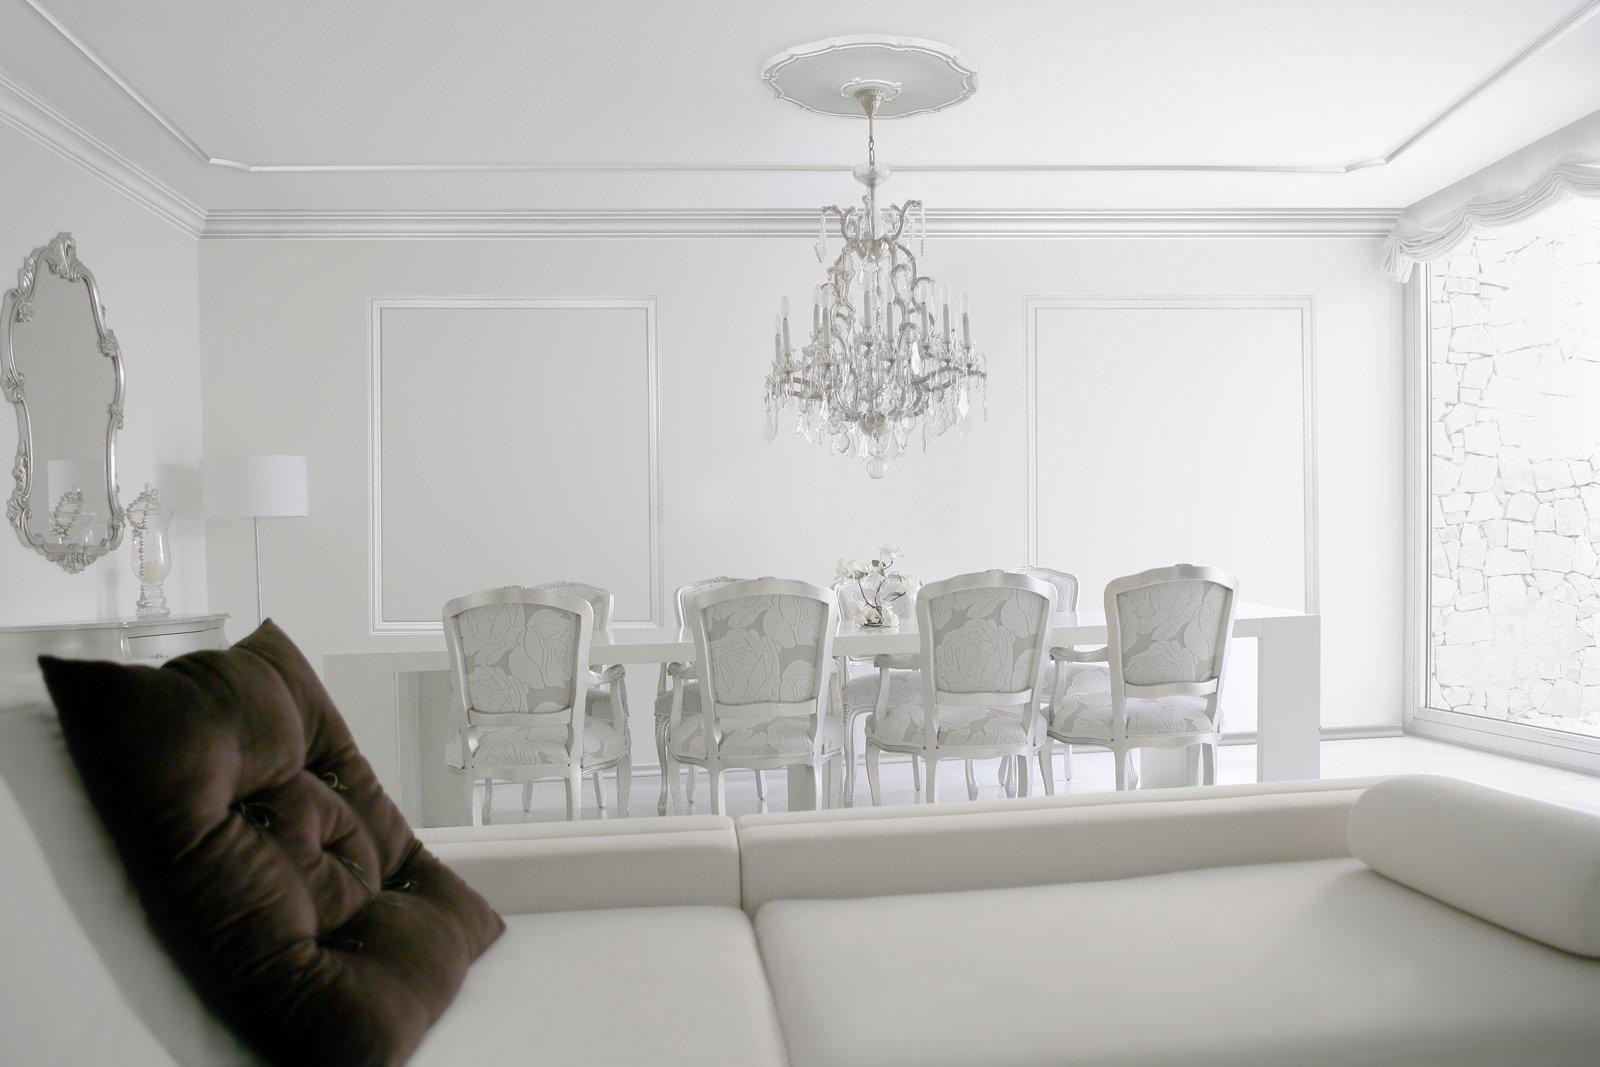 Cornici effetto gesso per rinnovare la parete - Cose di Casa